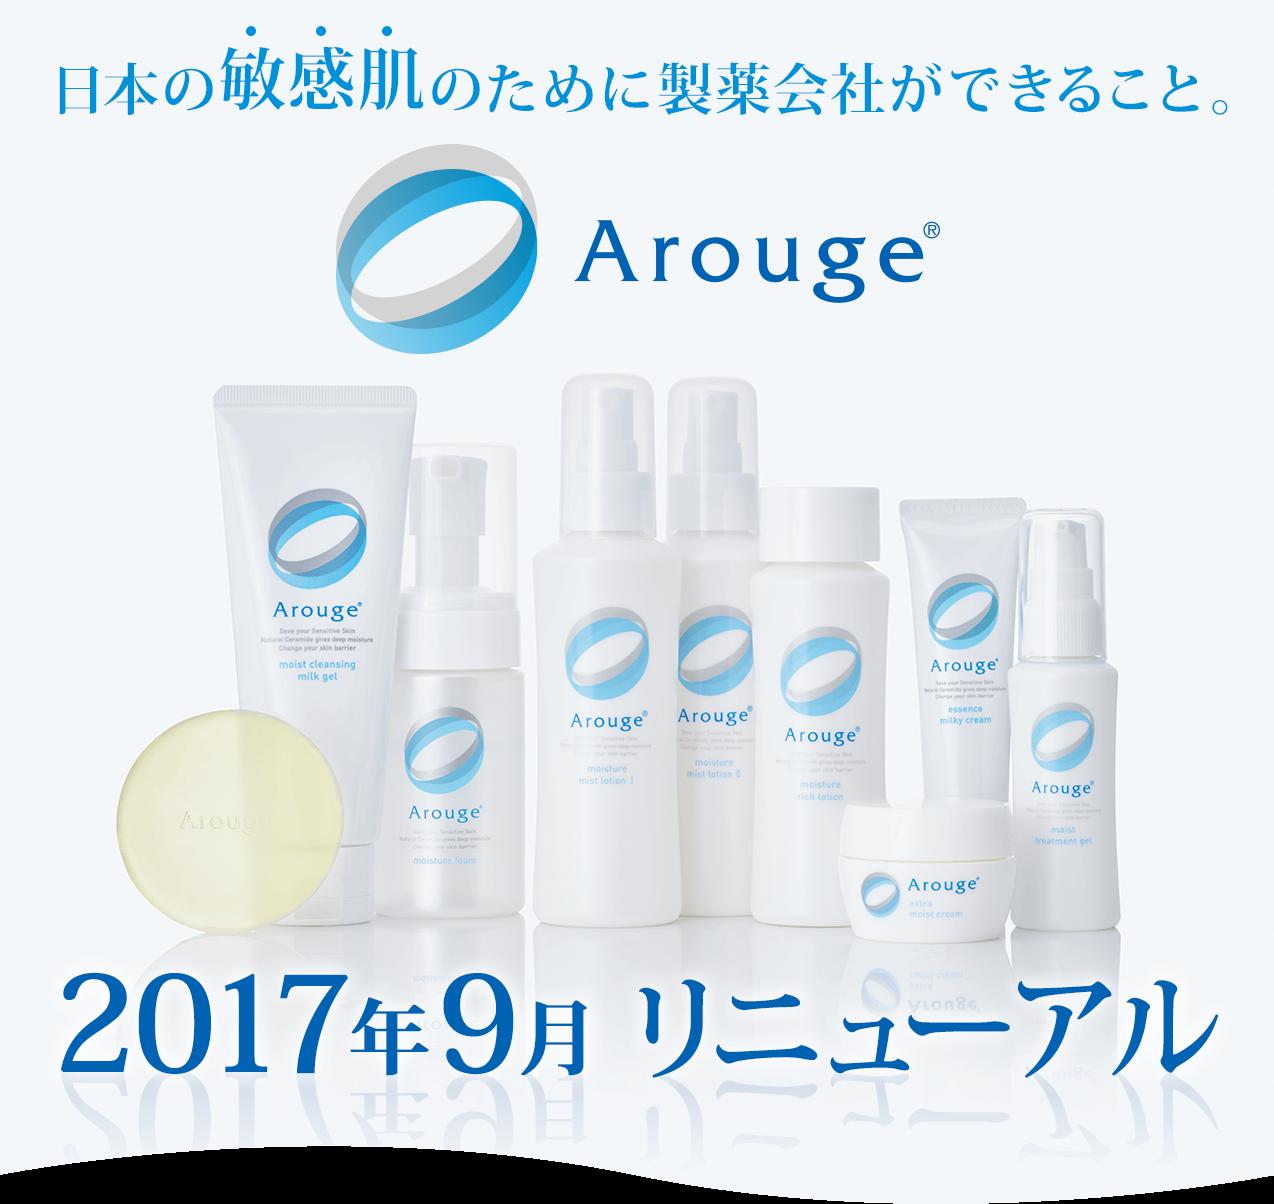 日本の敏感肌のために製薬会社ができること。「アルージェ」2017年9月 リニューアル